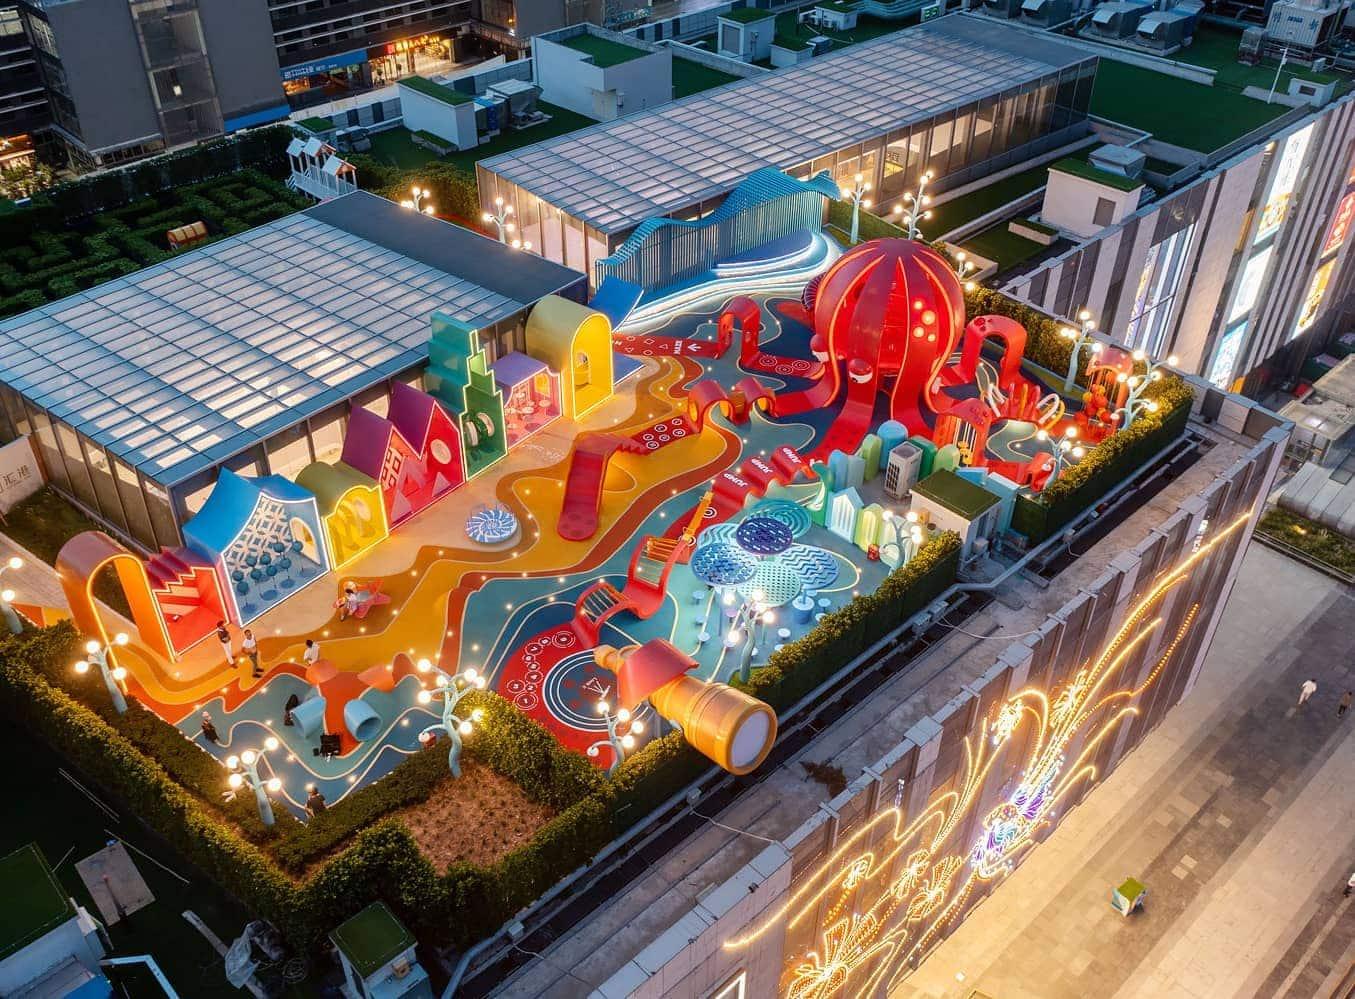 octopus-kingdom-aire-jeu-toit-centre-commercial-drone-1